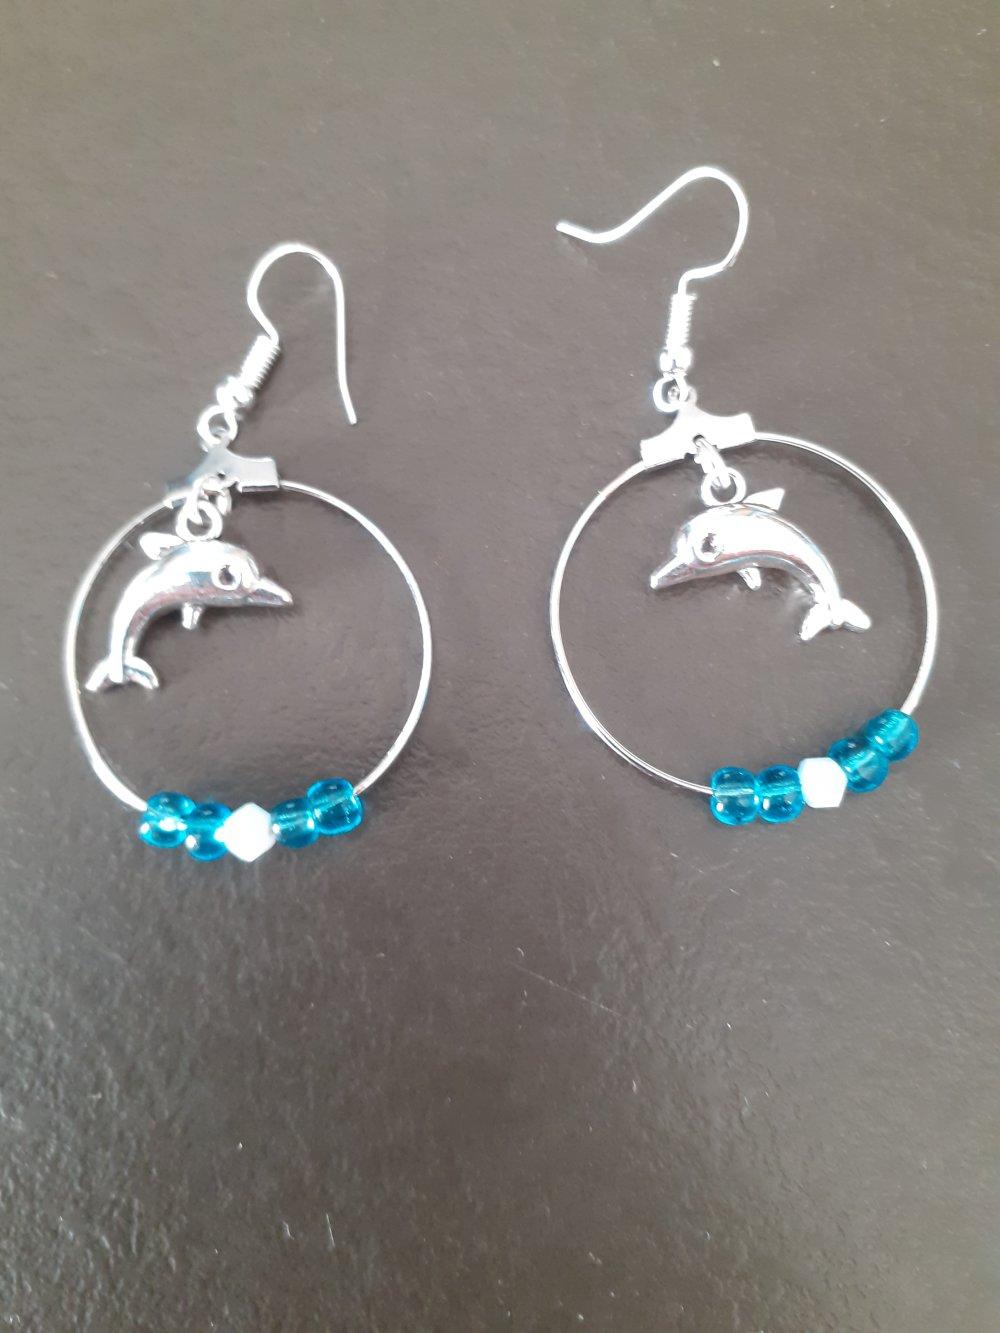 Bijoux fantaisie: Boucles d'oreilles cercles dauphin perles bleues